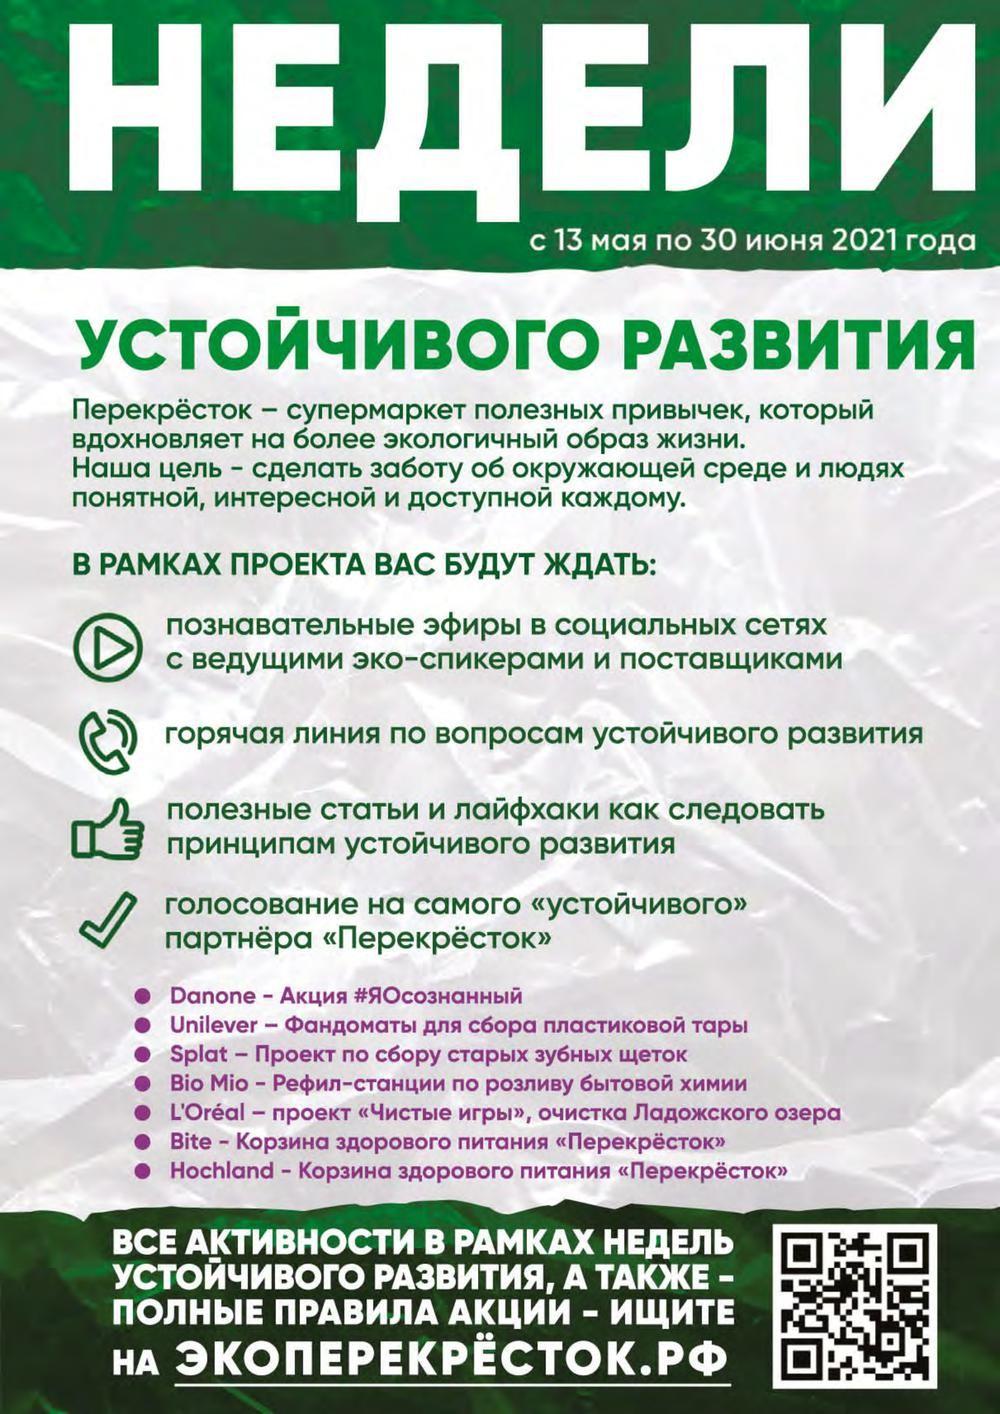 Каталог новых скидок в Перекрестке г. Одинцово